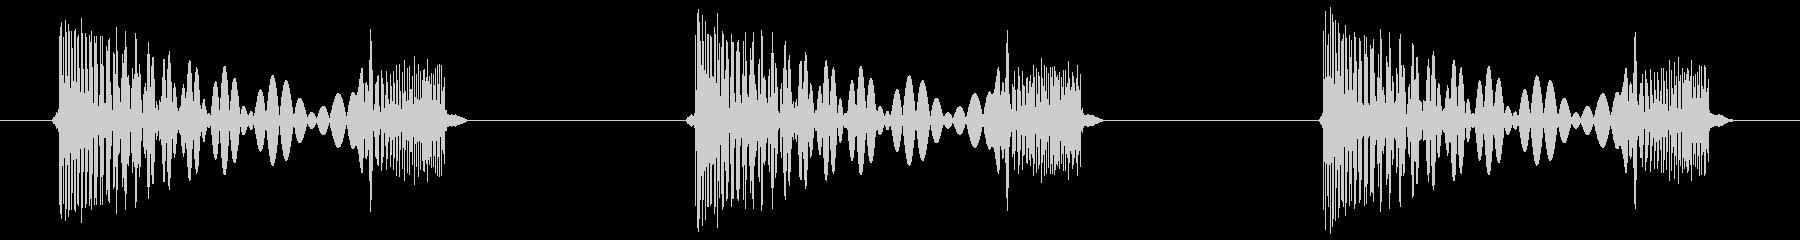 「クワ クワ クワ」「動物等が歩く音」の未再生の波形